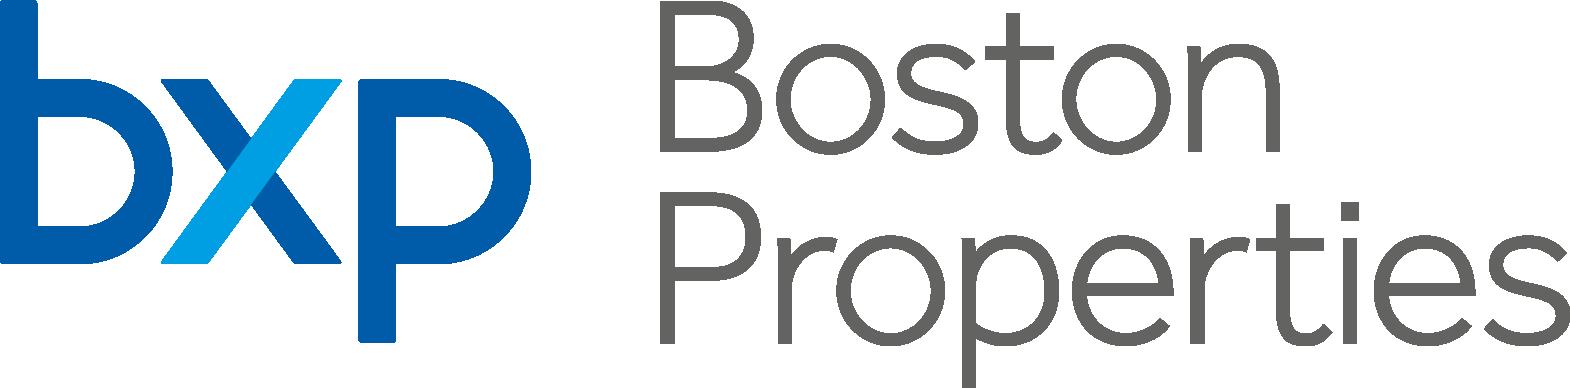 Boston Properties Logo png